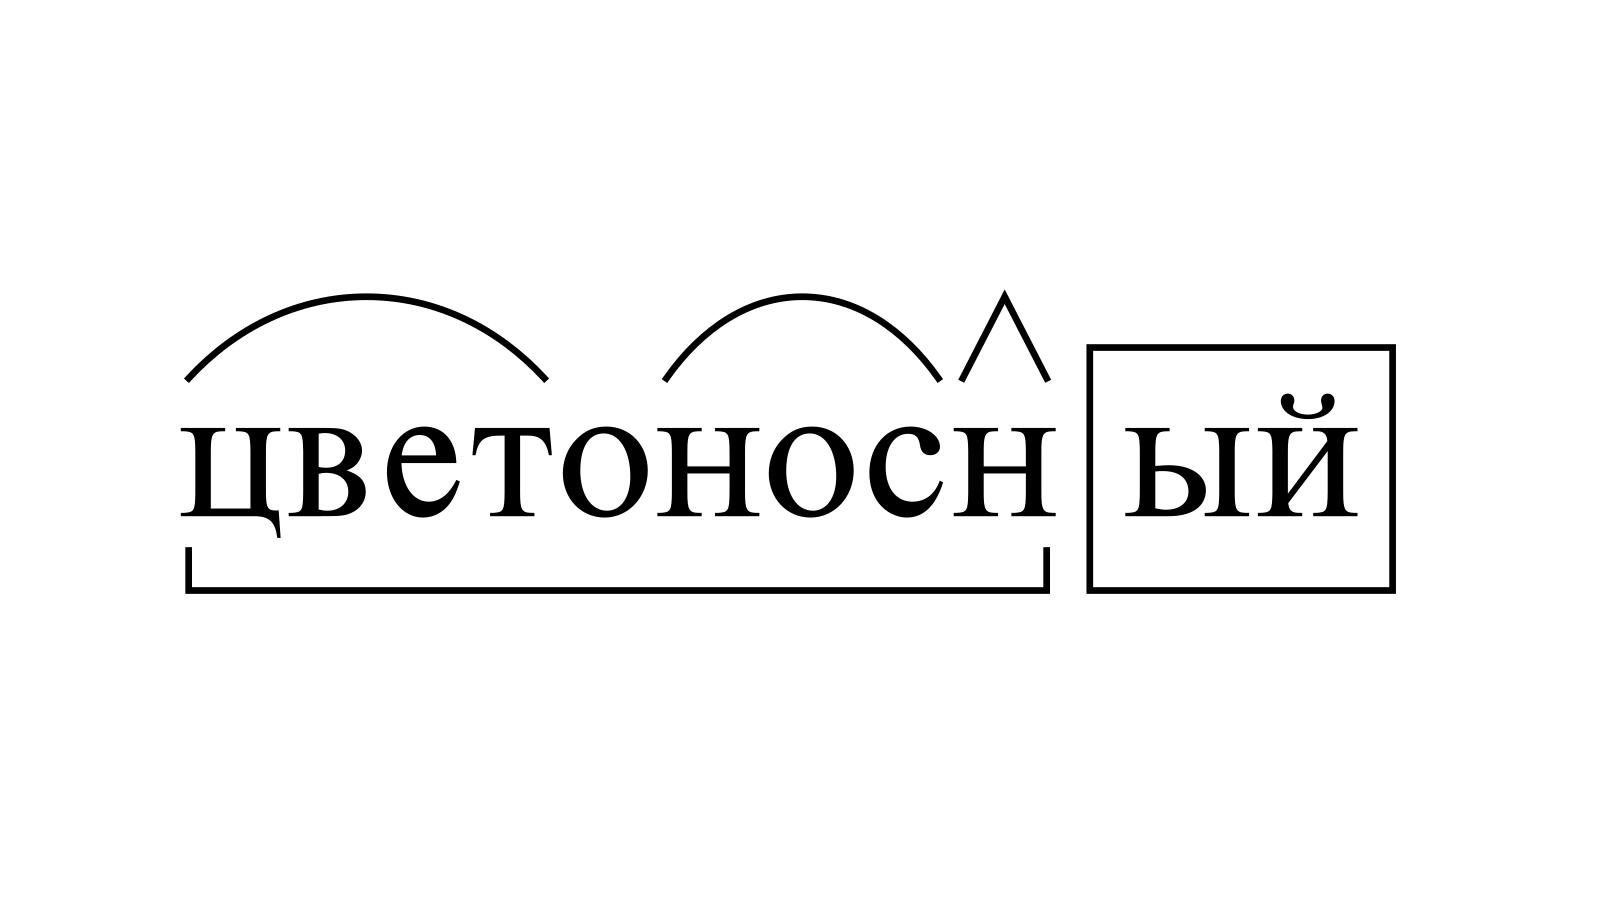 Разбор слова «цветоносный» по составу